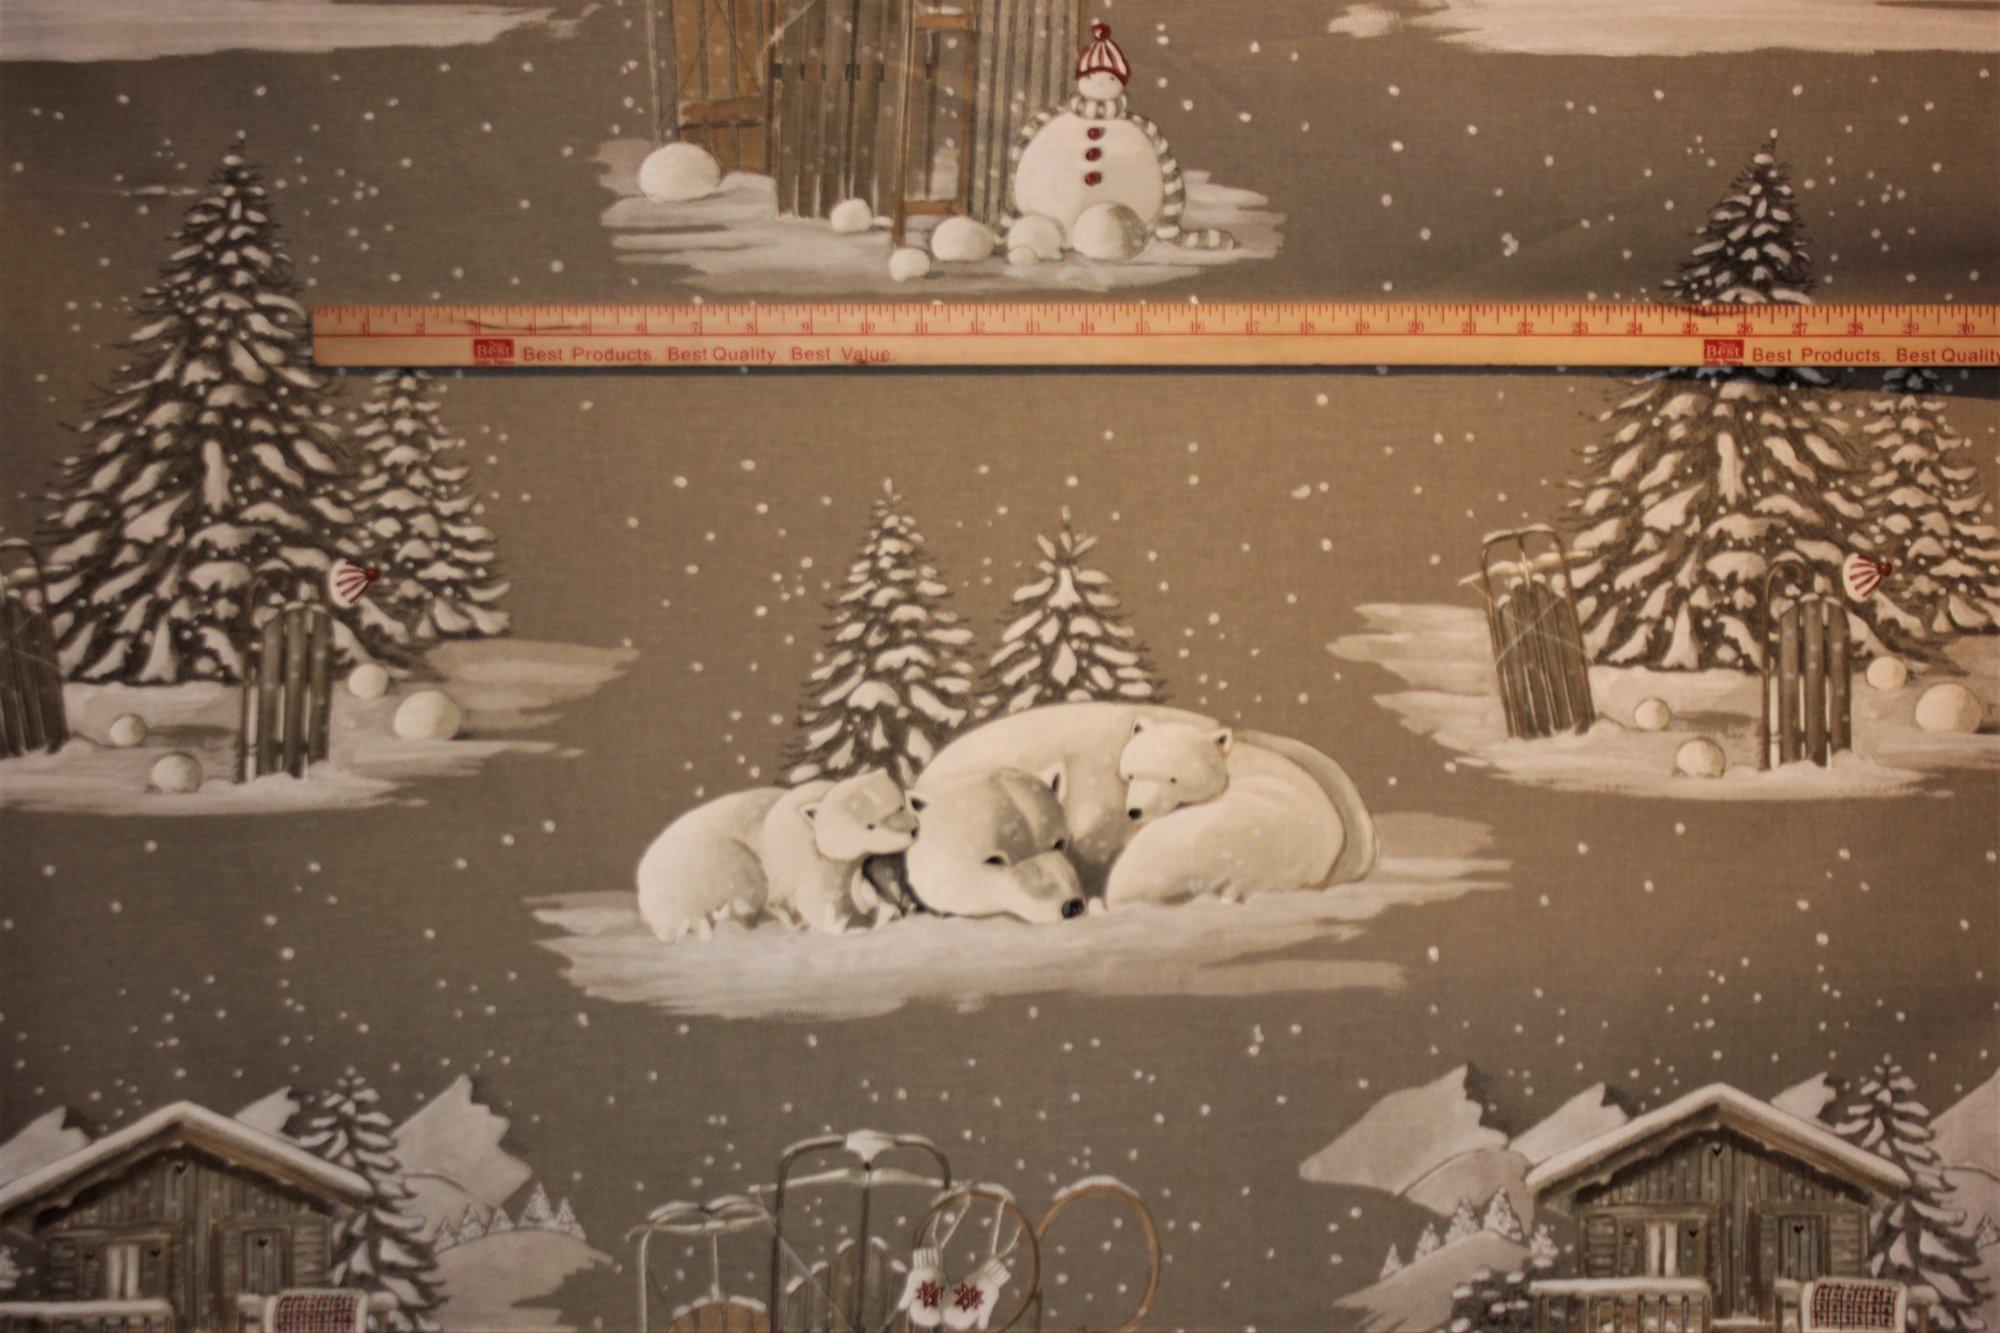 French Winter Wonderland #001